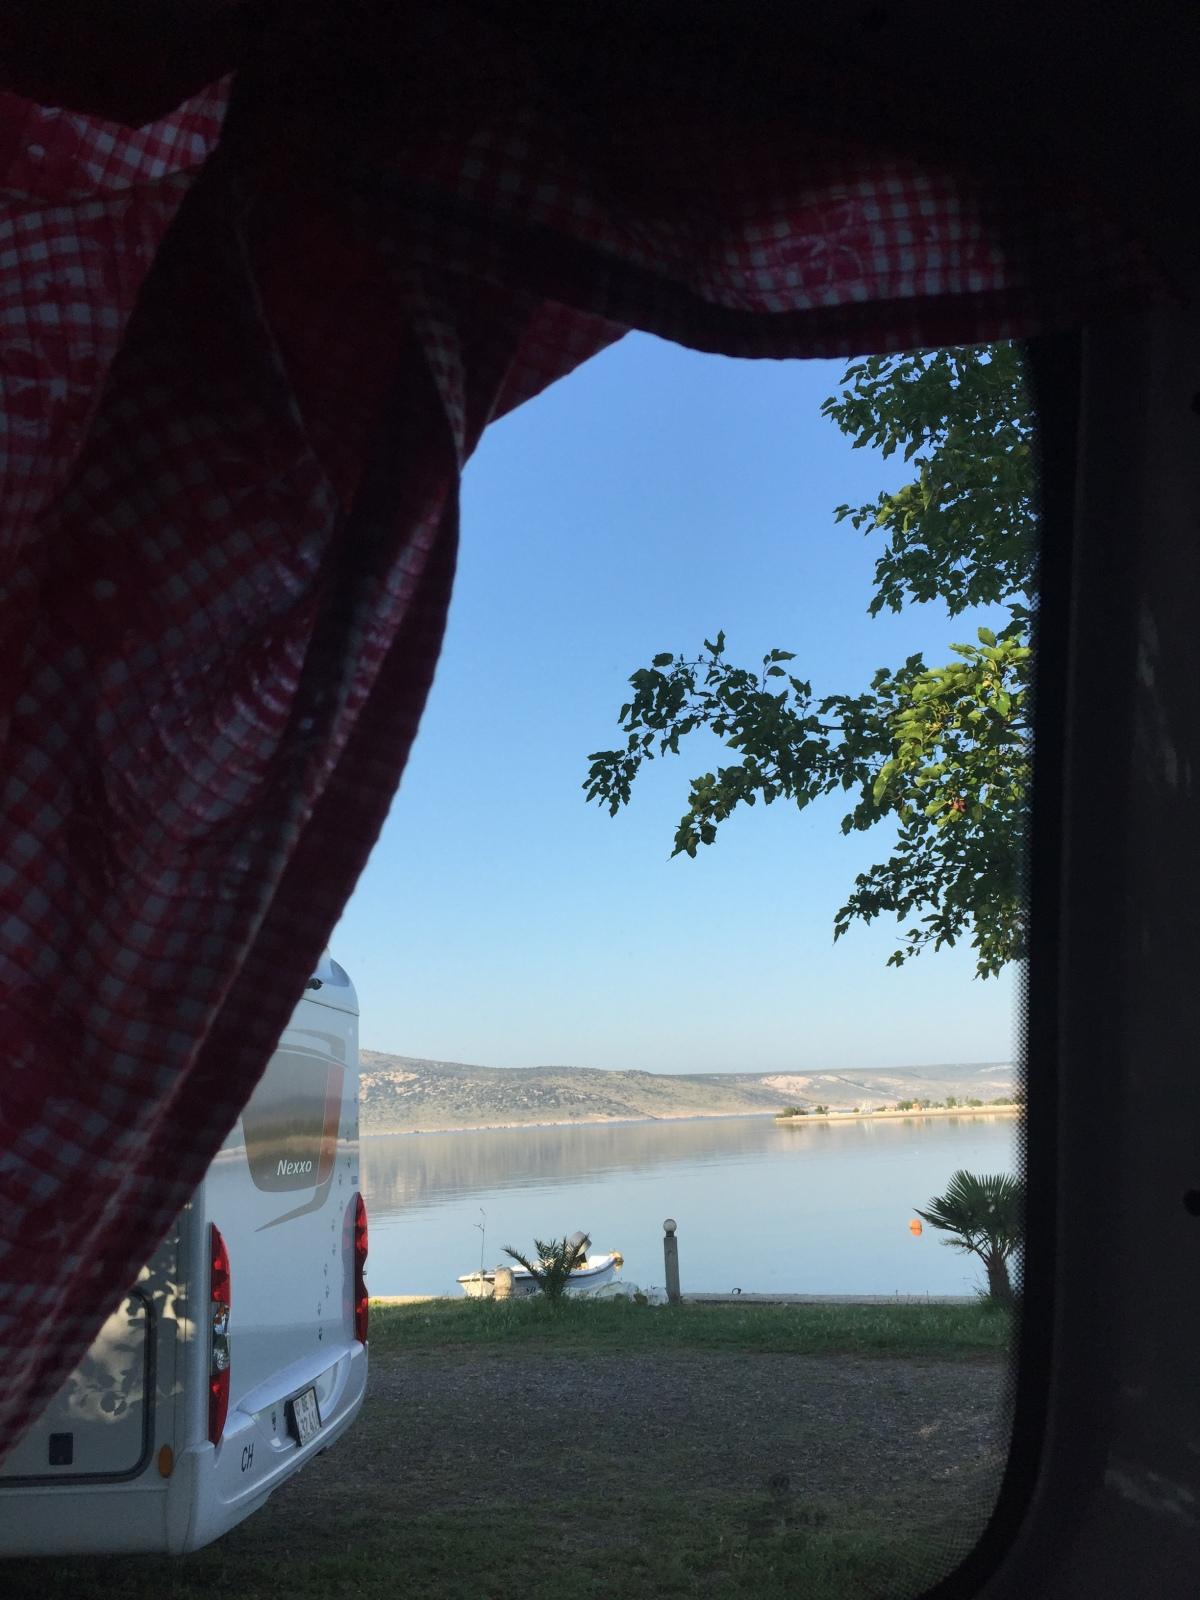 Ausblick beim Aufstehen: Adria-Bucht in Starigrad.